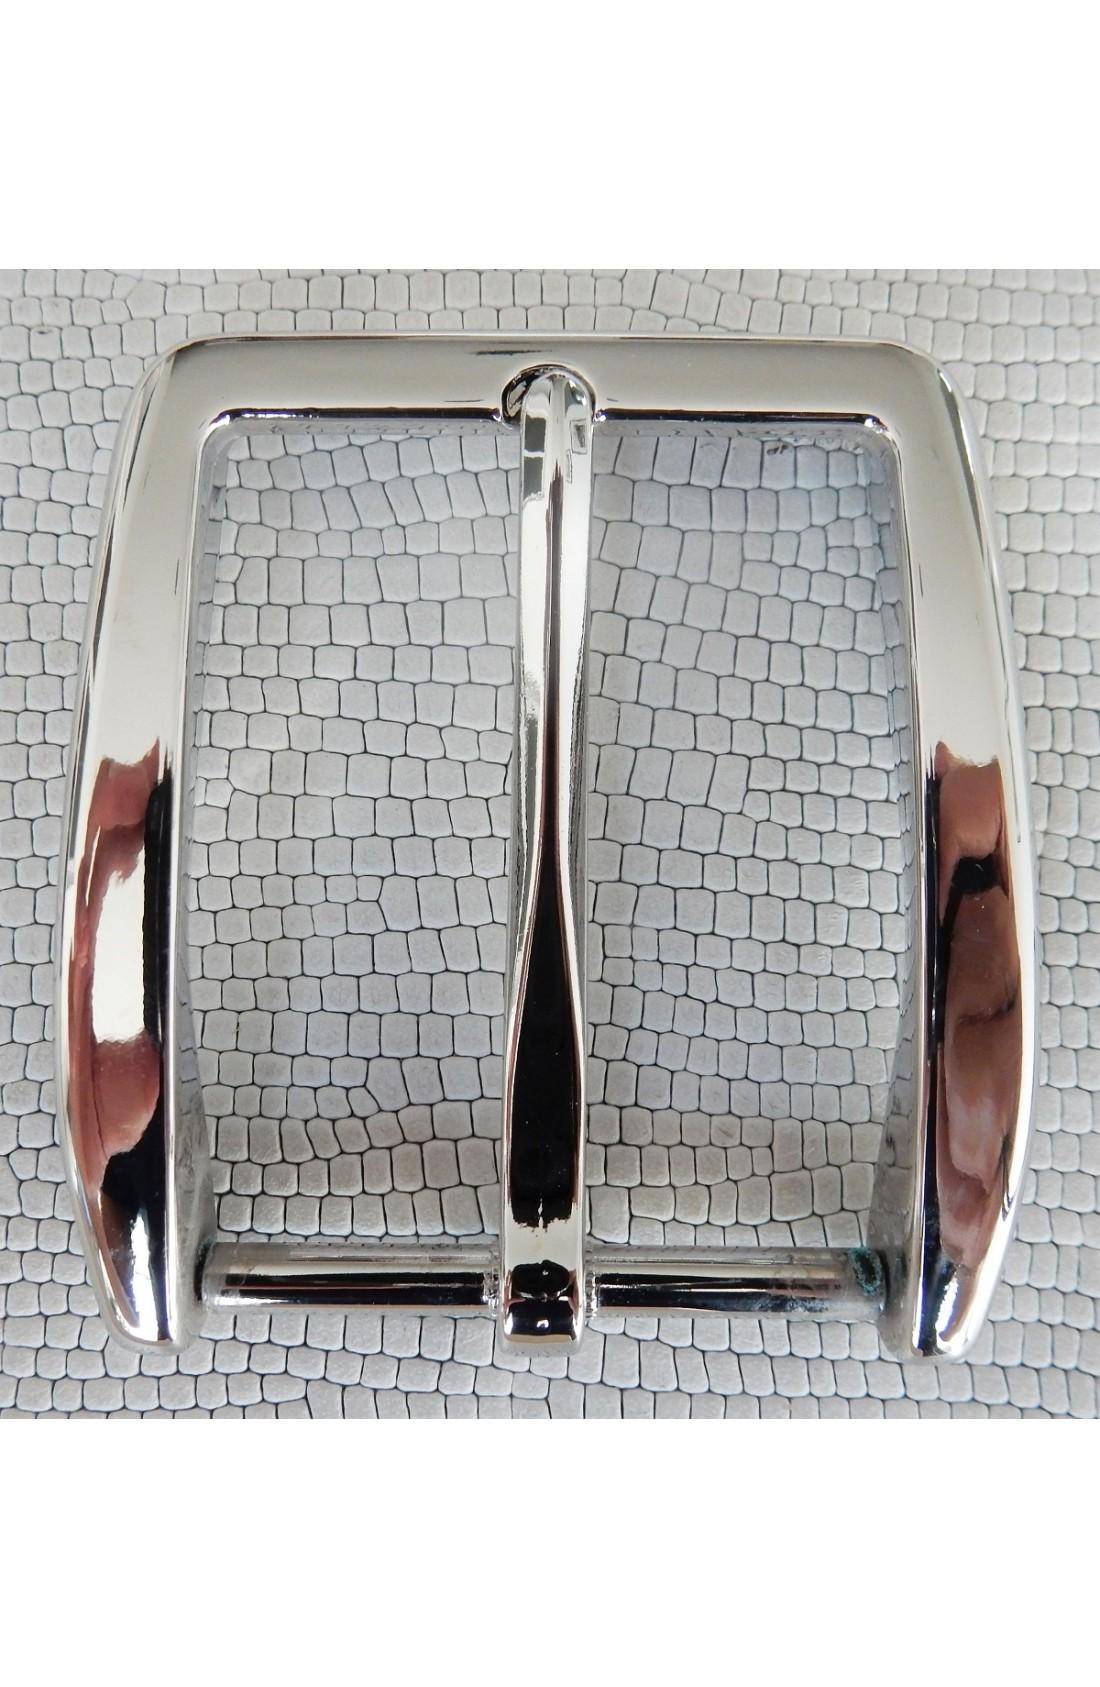 Fibbia Standard L 62 mm.35 nikel free (1)